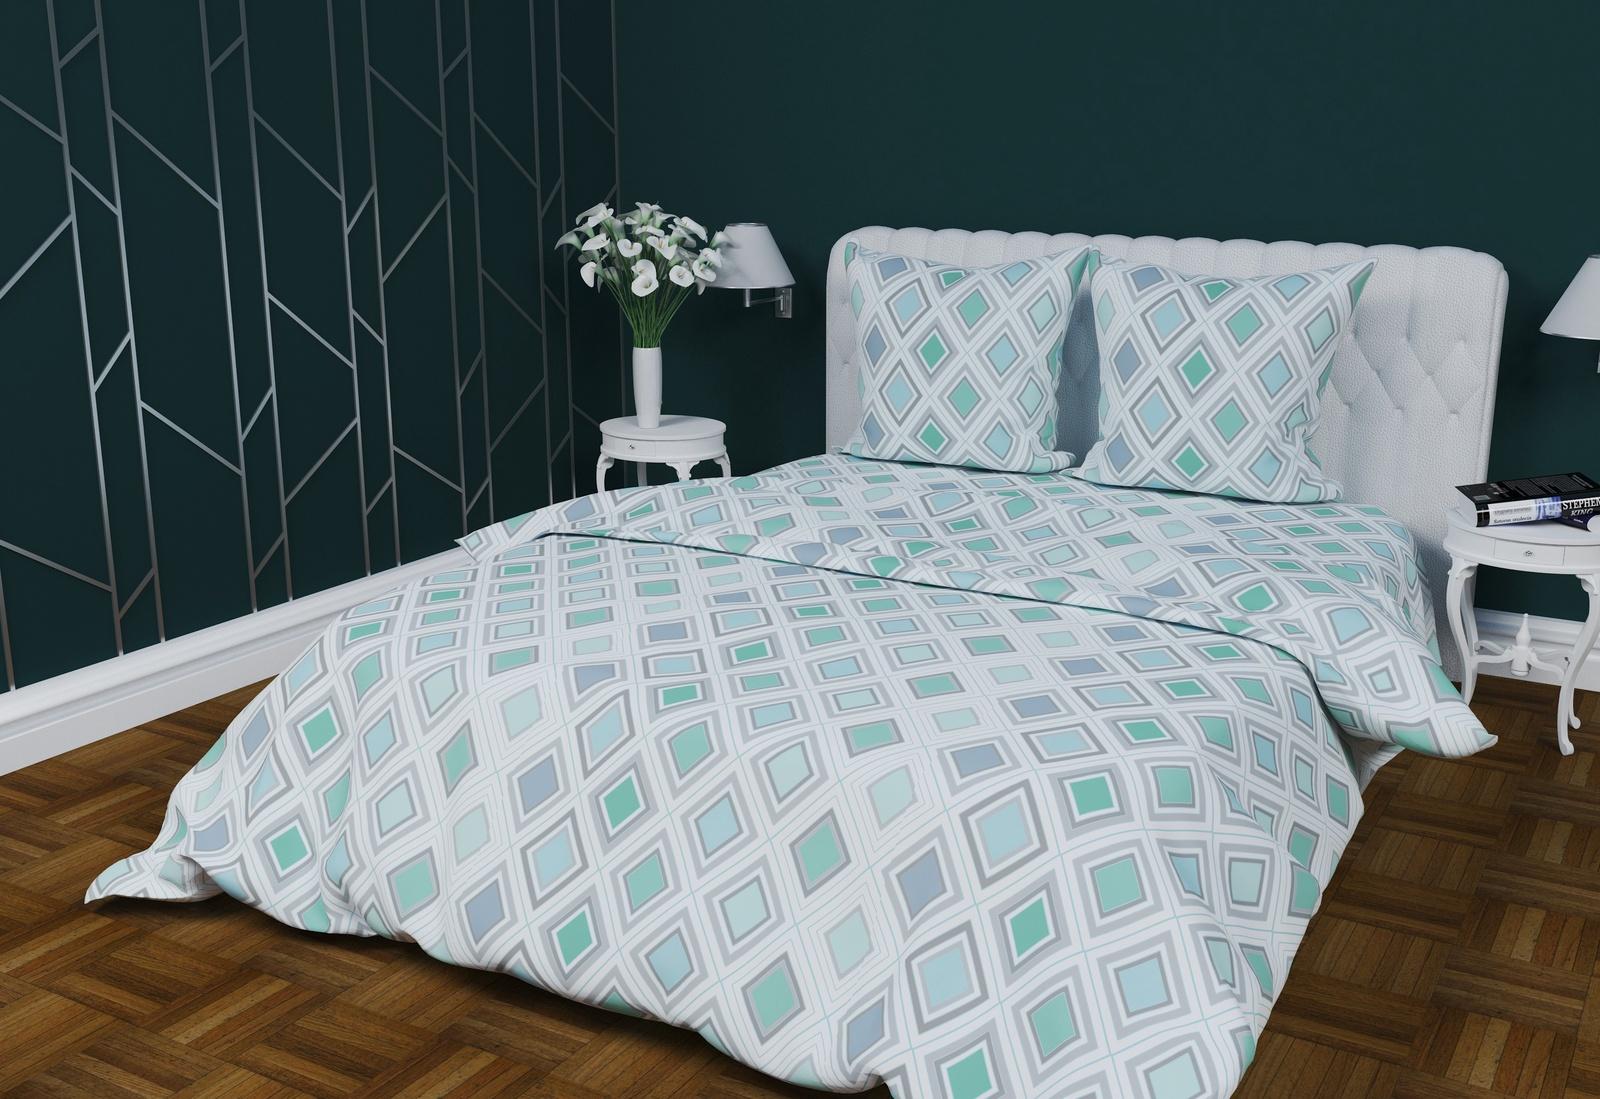 Комплект постельного белья Текстильная лавка Ромбы комплект штор томдом риолиз